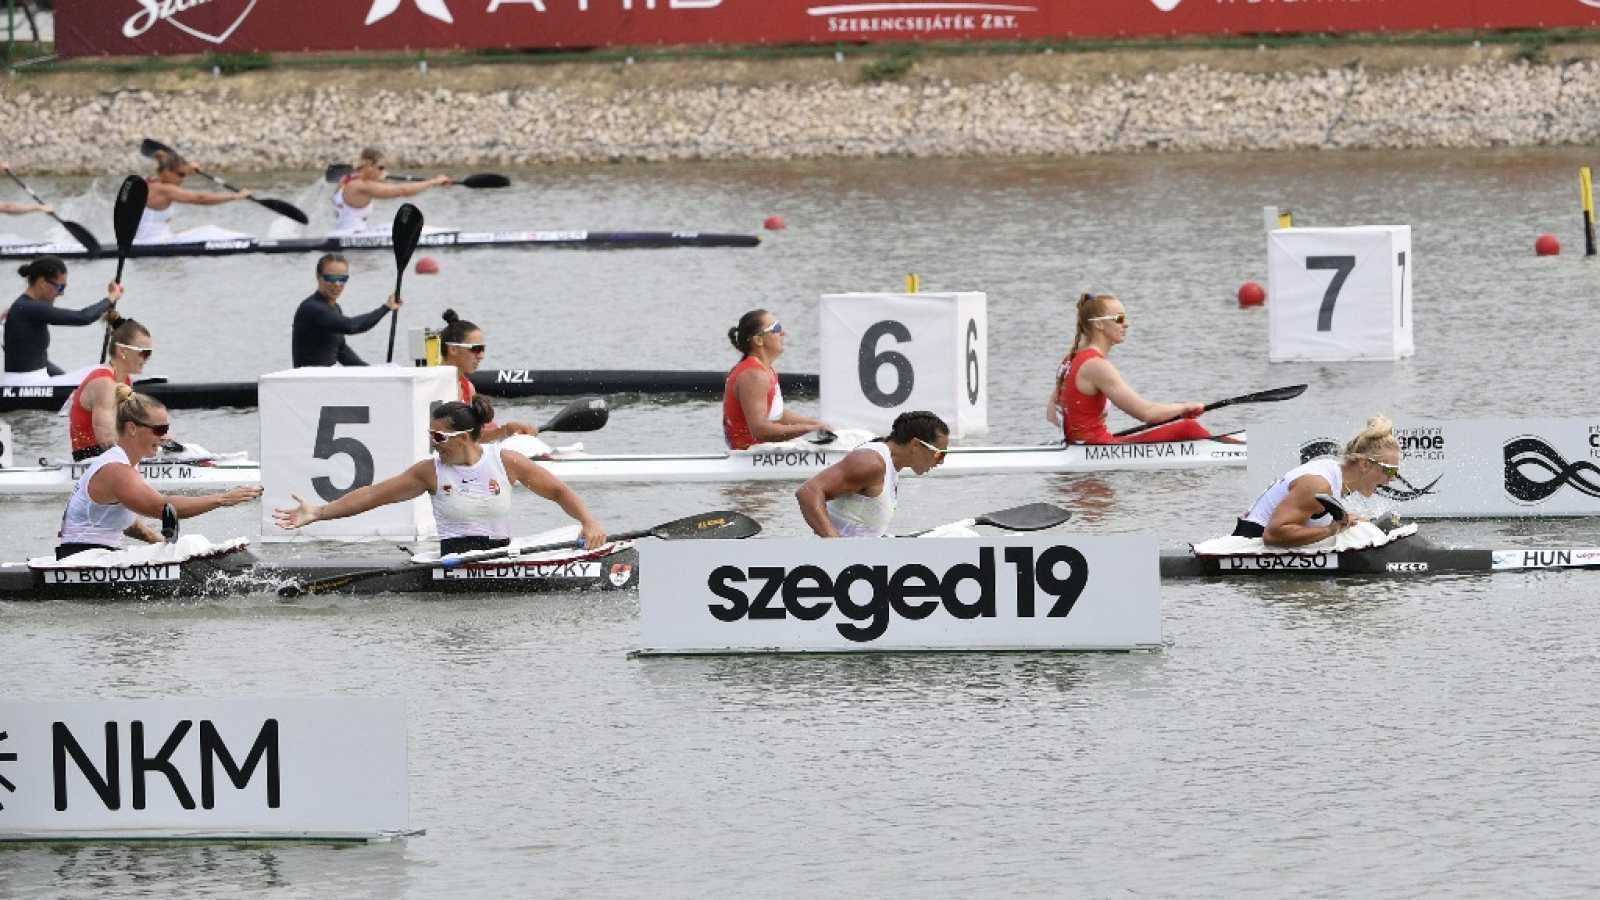 Quédate en casa con TDP - Piragüismo - Campeonato del Mundo 2019 Szeged - Ver ahora